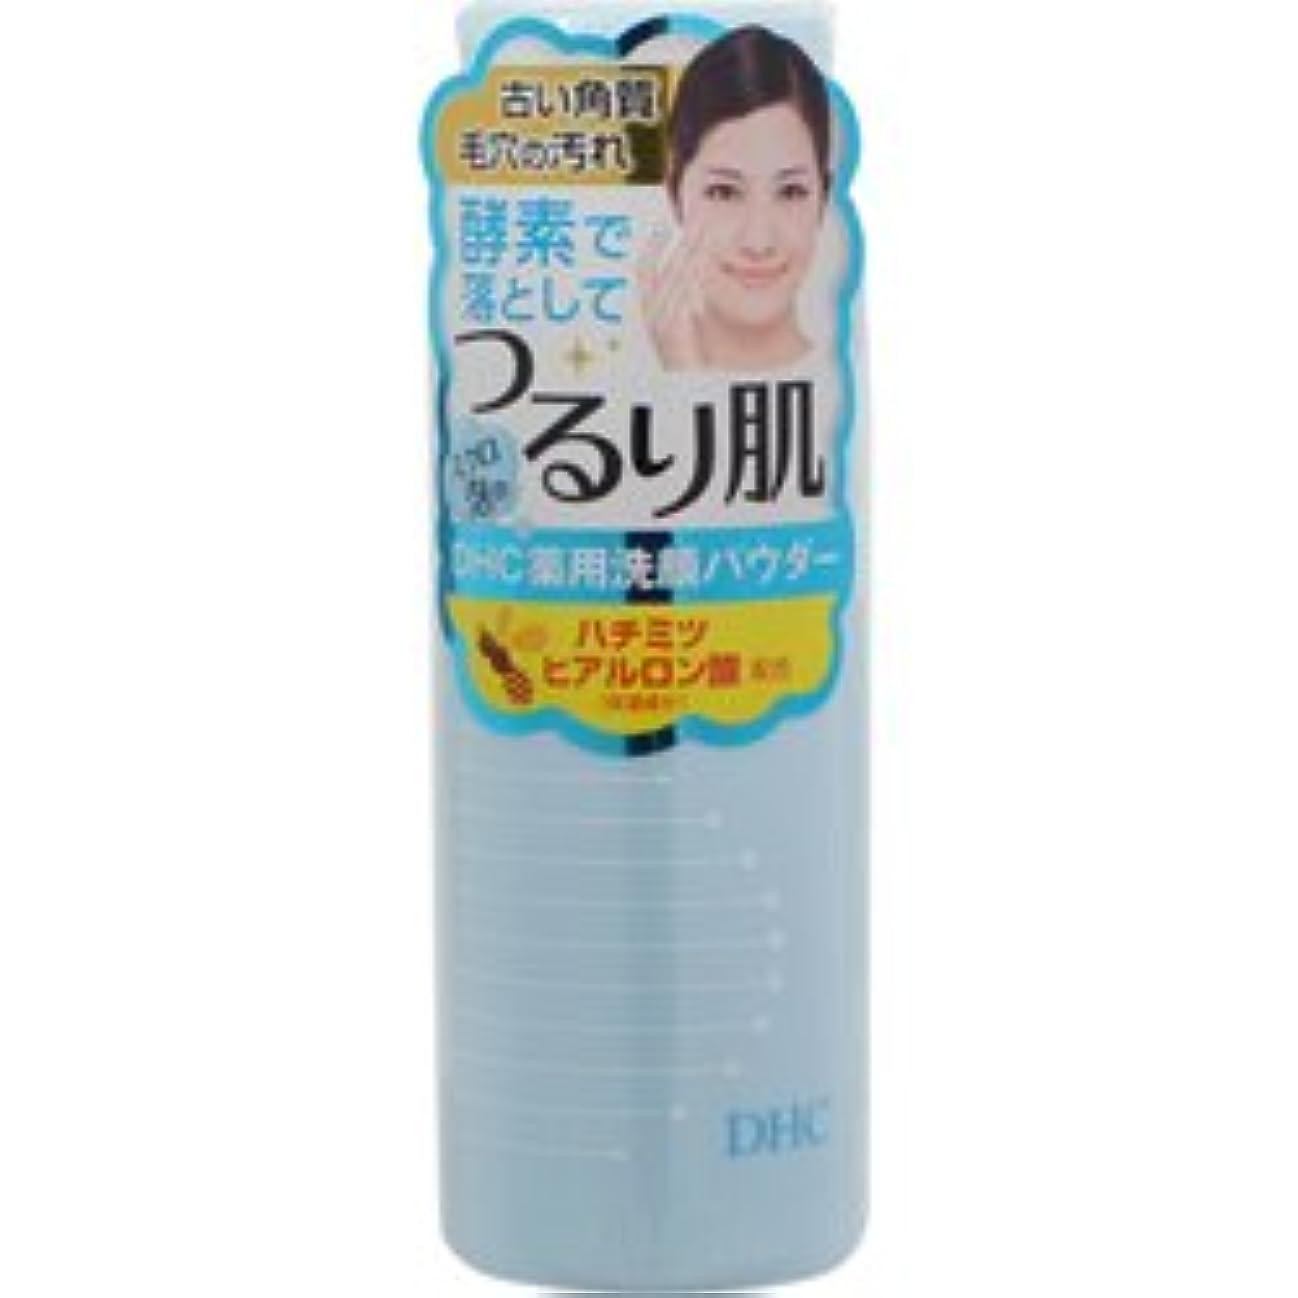 つぶやき望み百万【DHC】薬用洗顔パウダーSS 50g ×10個セット